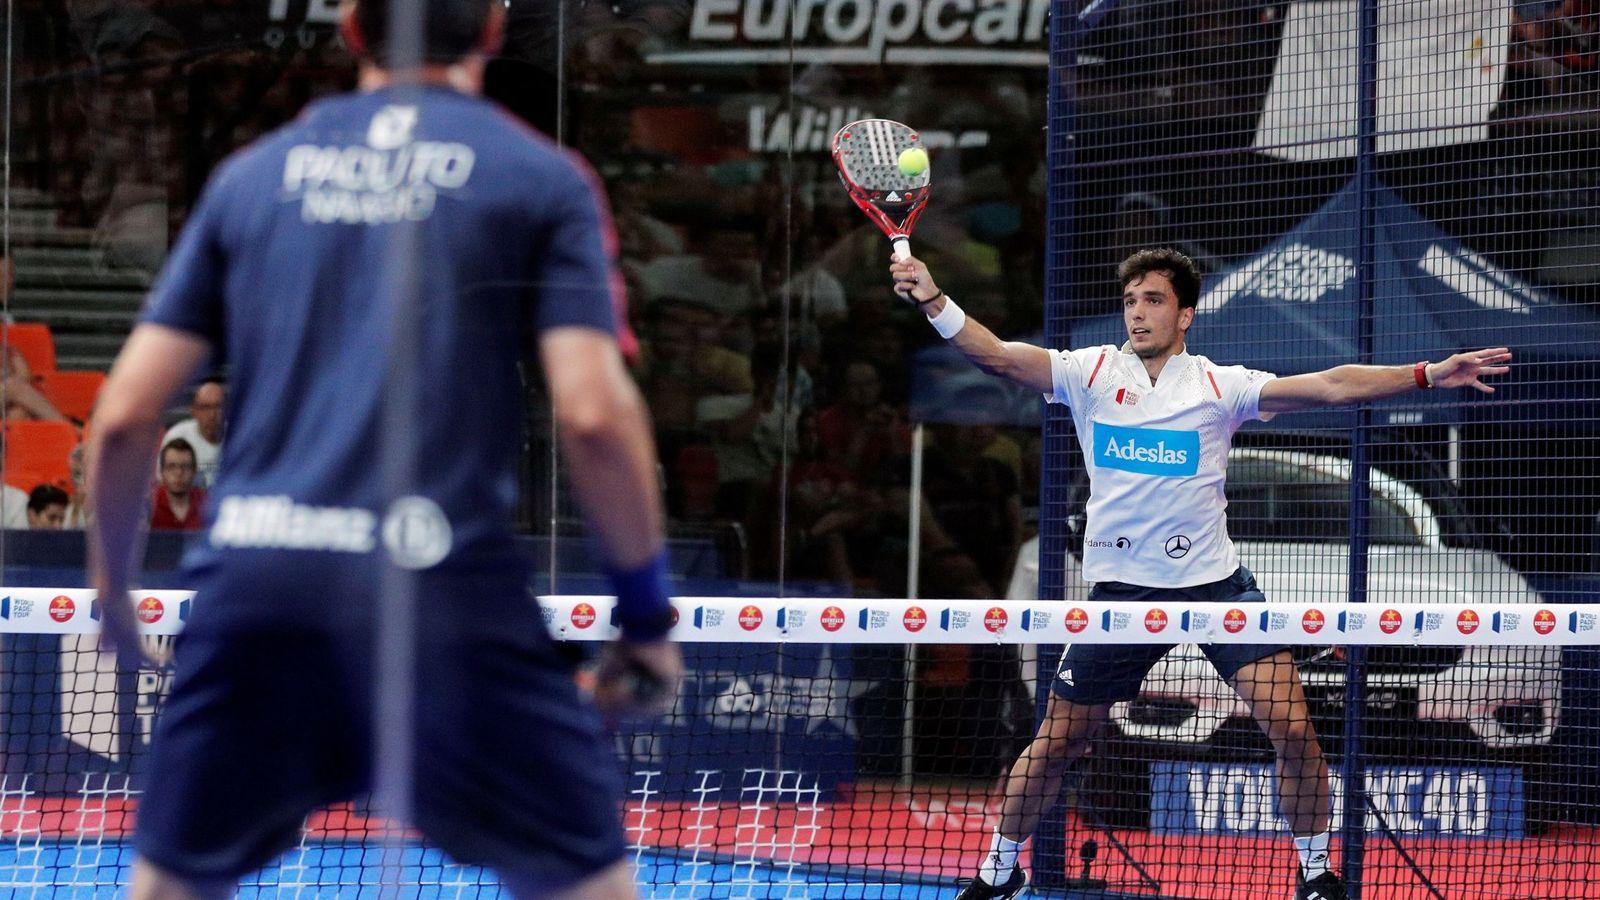 Foto: Imagen del partido de semifinales que enfrentó a Galán y Lima con Navarro y Lebrón. (EFE)